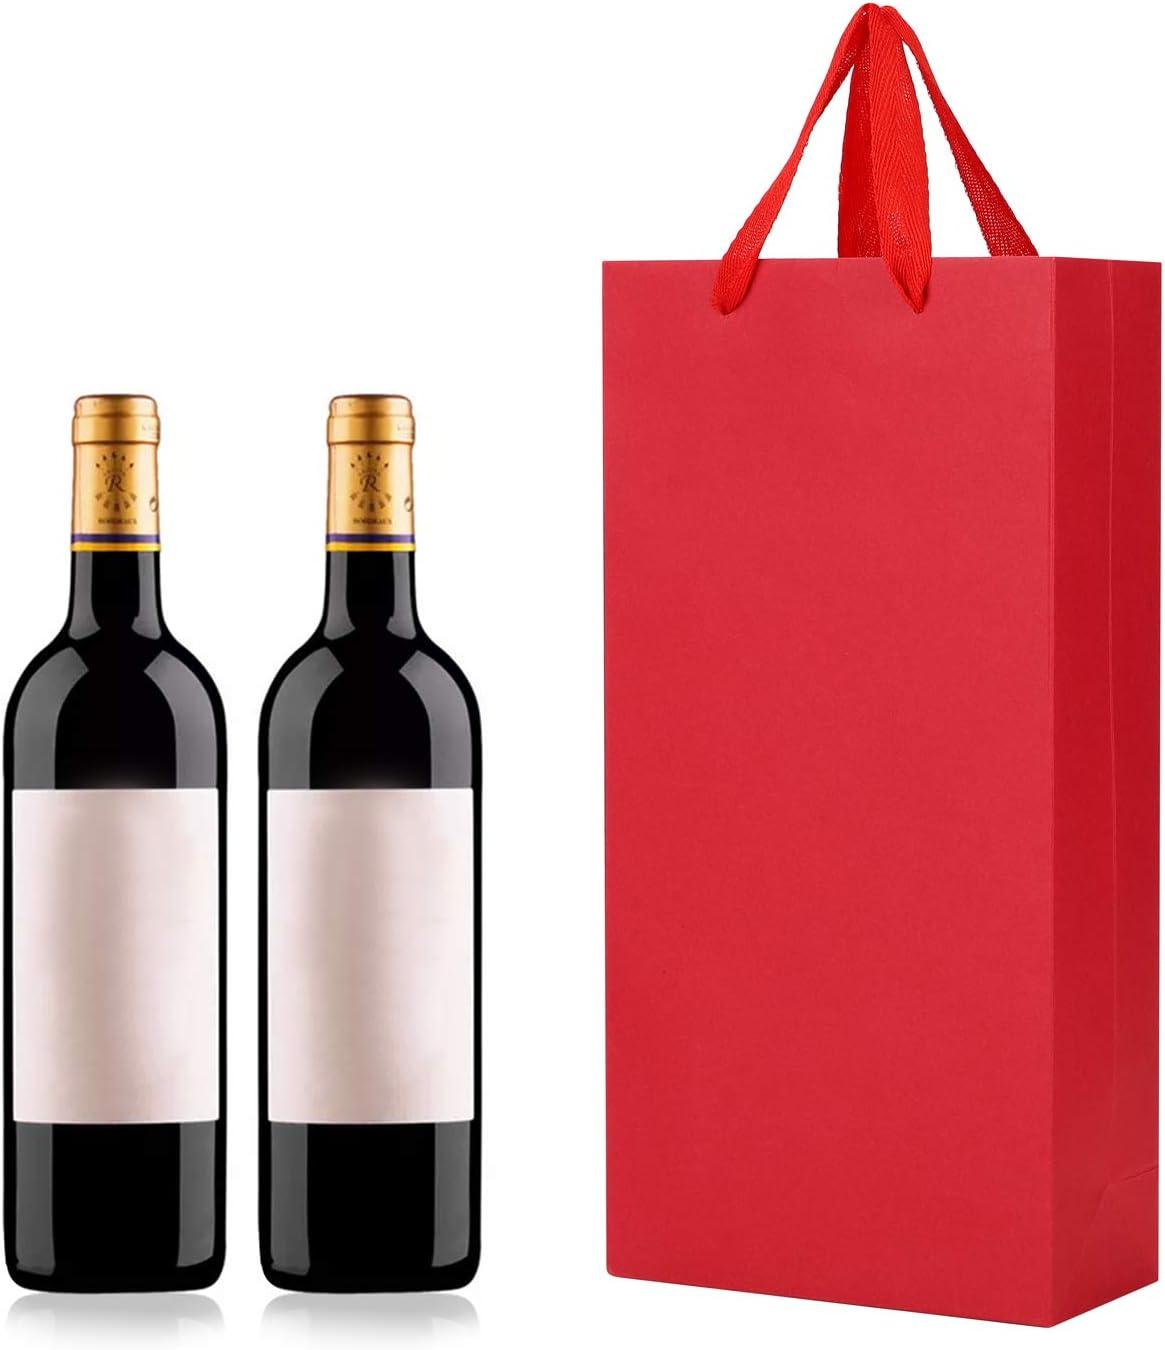 riutilizzabili laminati per una maggiore resistenza. con manici in corda per feste di compleanno matrimoni shopping grandi bottiglie di whisky 10 sacchetti regalo per bottiglie di vino